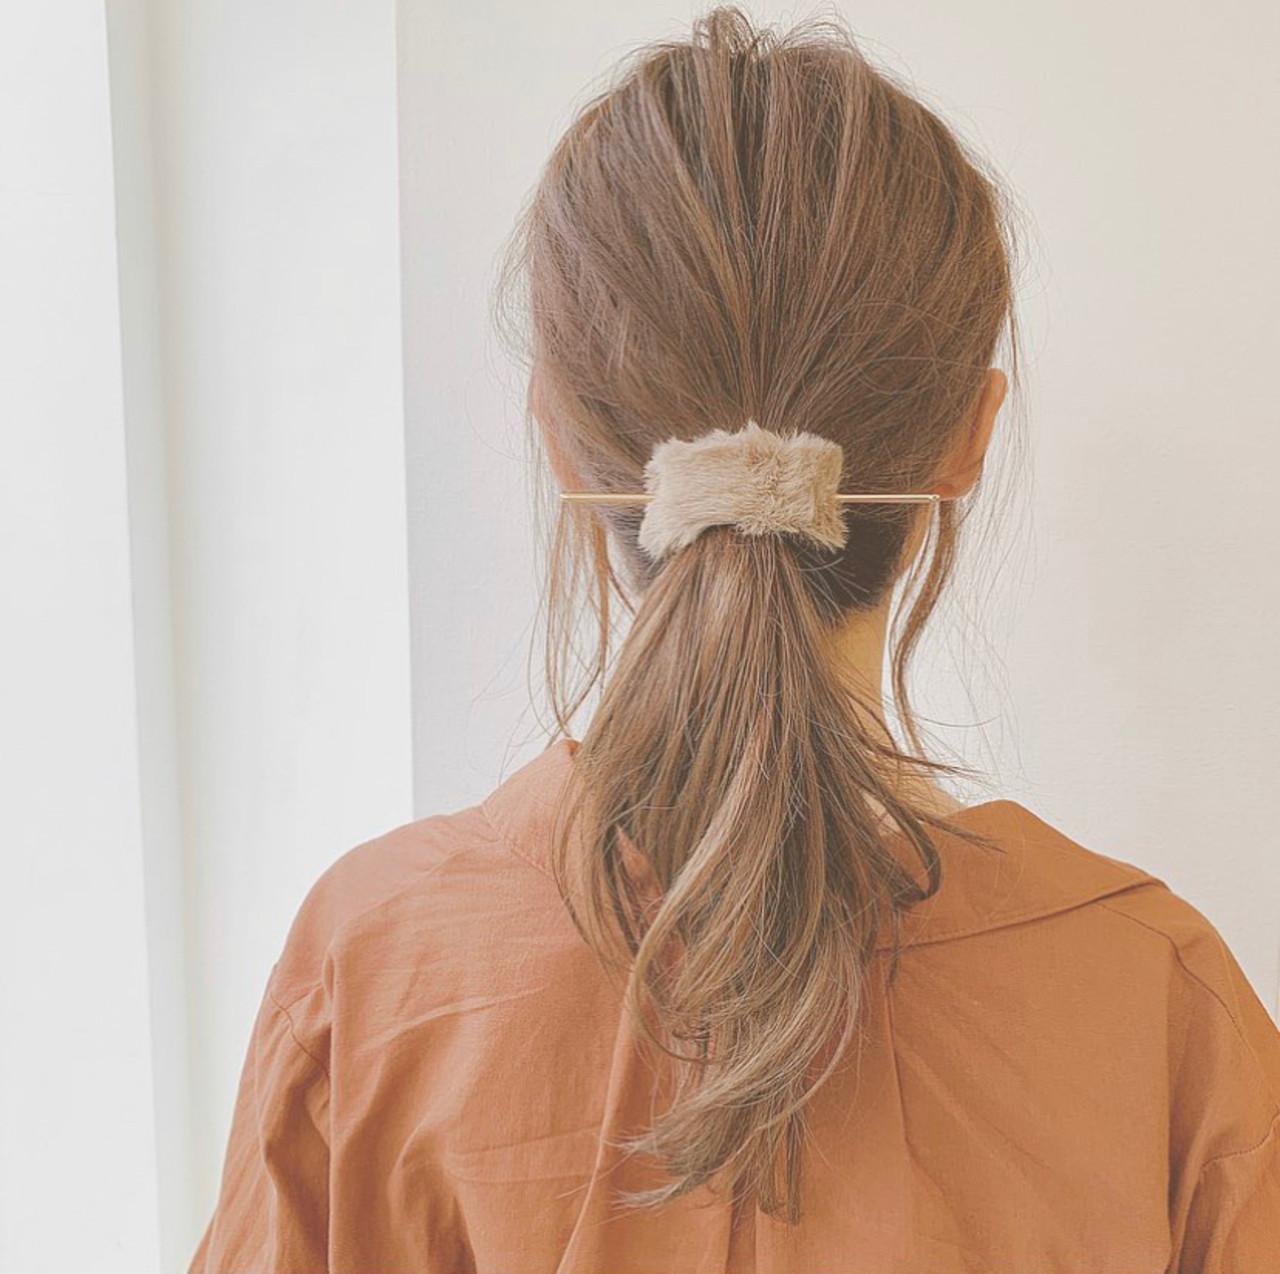 セミロング セルフヘアアレンジ ポニーテールアレンジ ヘアアレンジ ヘアスタイルや髪型の写真・画像